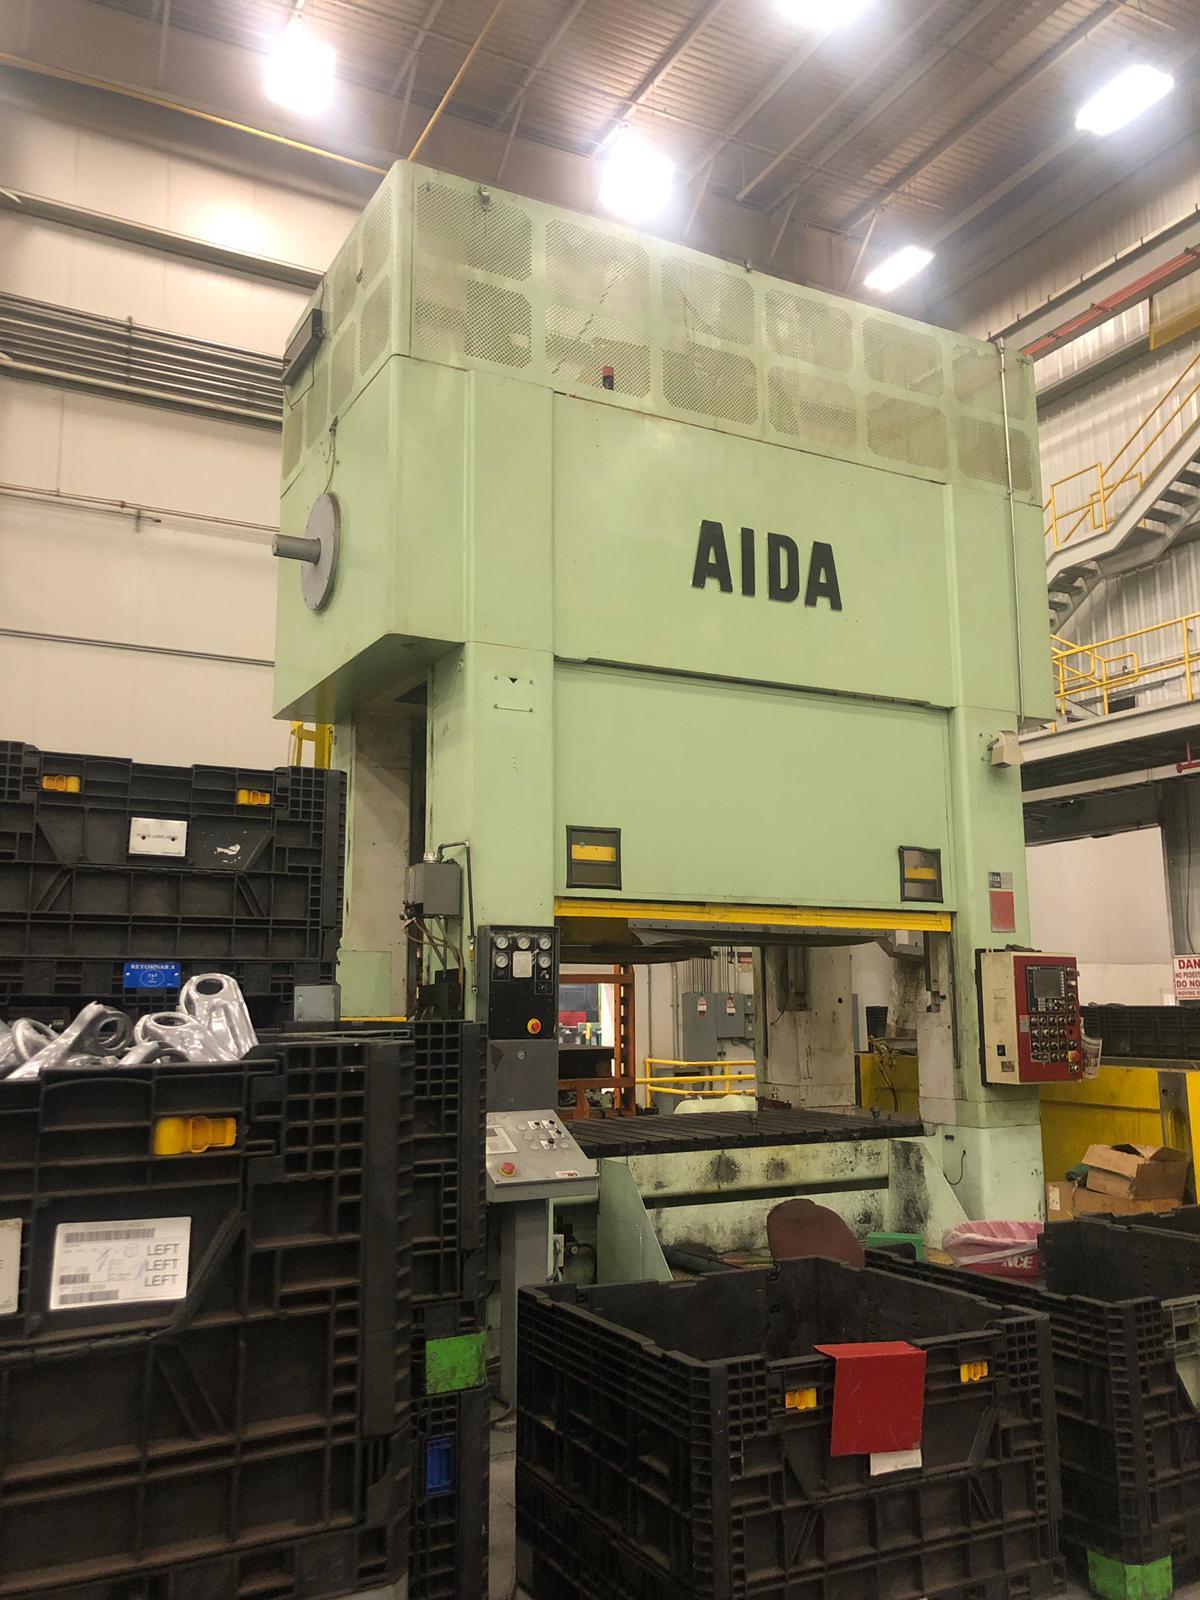 440 ton Aida front